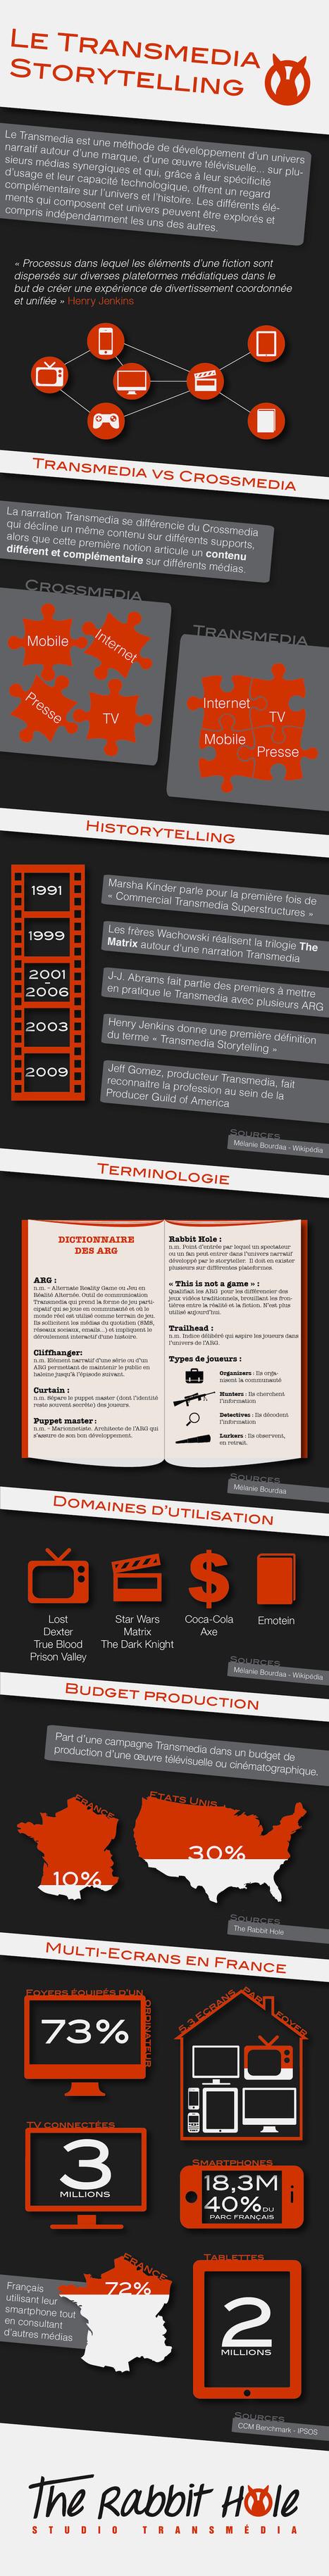 Infographie Transmédia | The rabbit hole | Nouvelles écritures et transmedia | Scoop.it